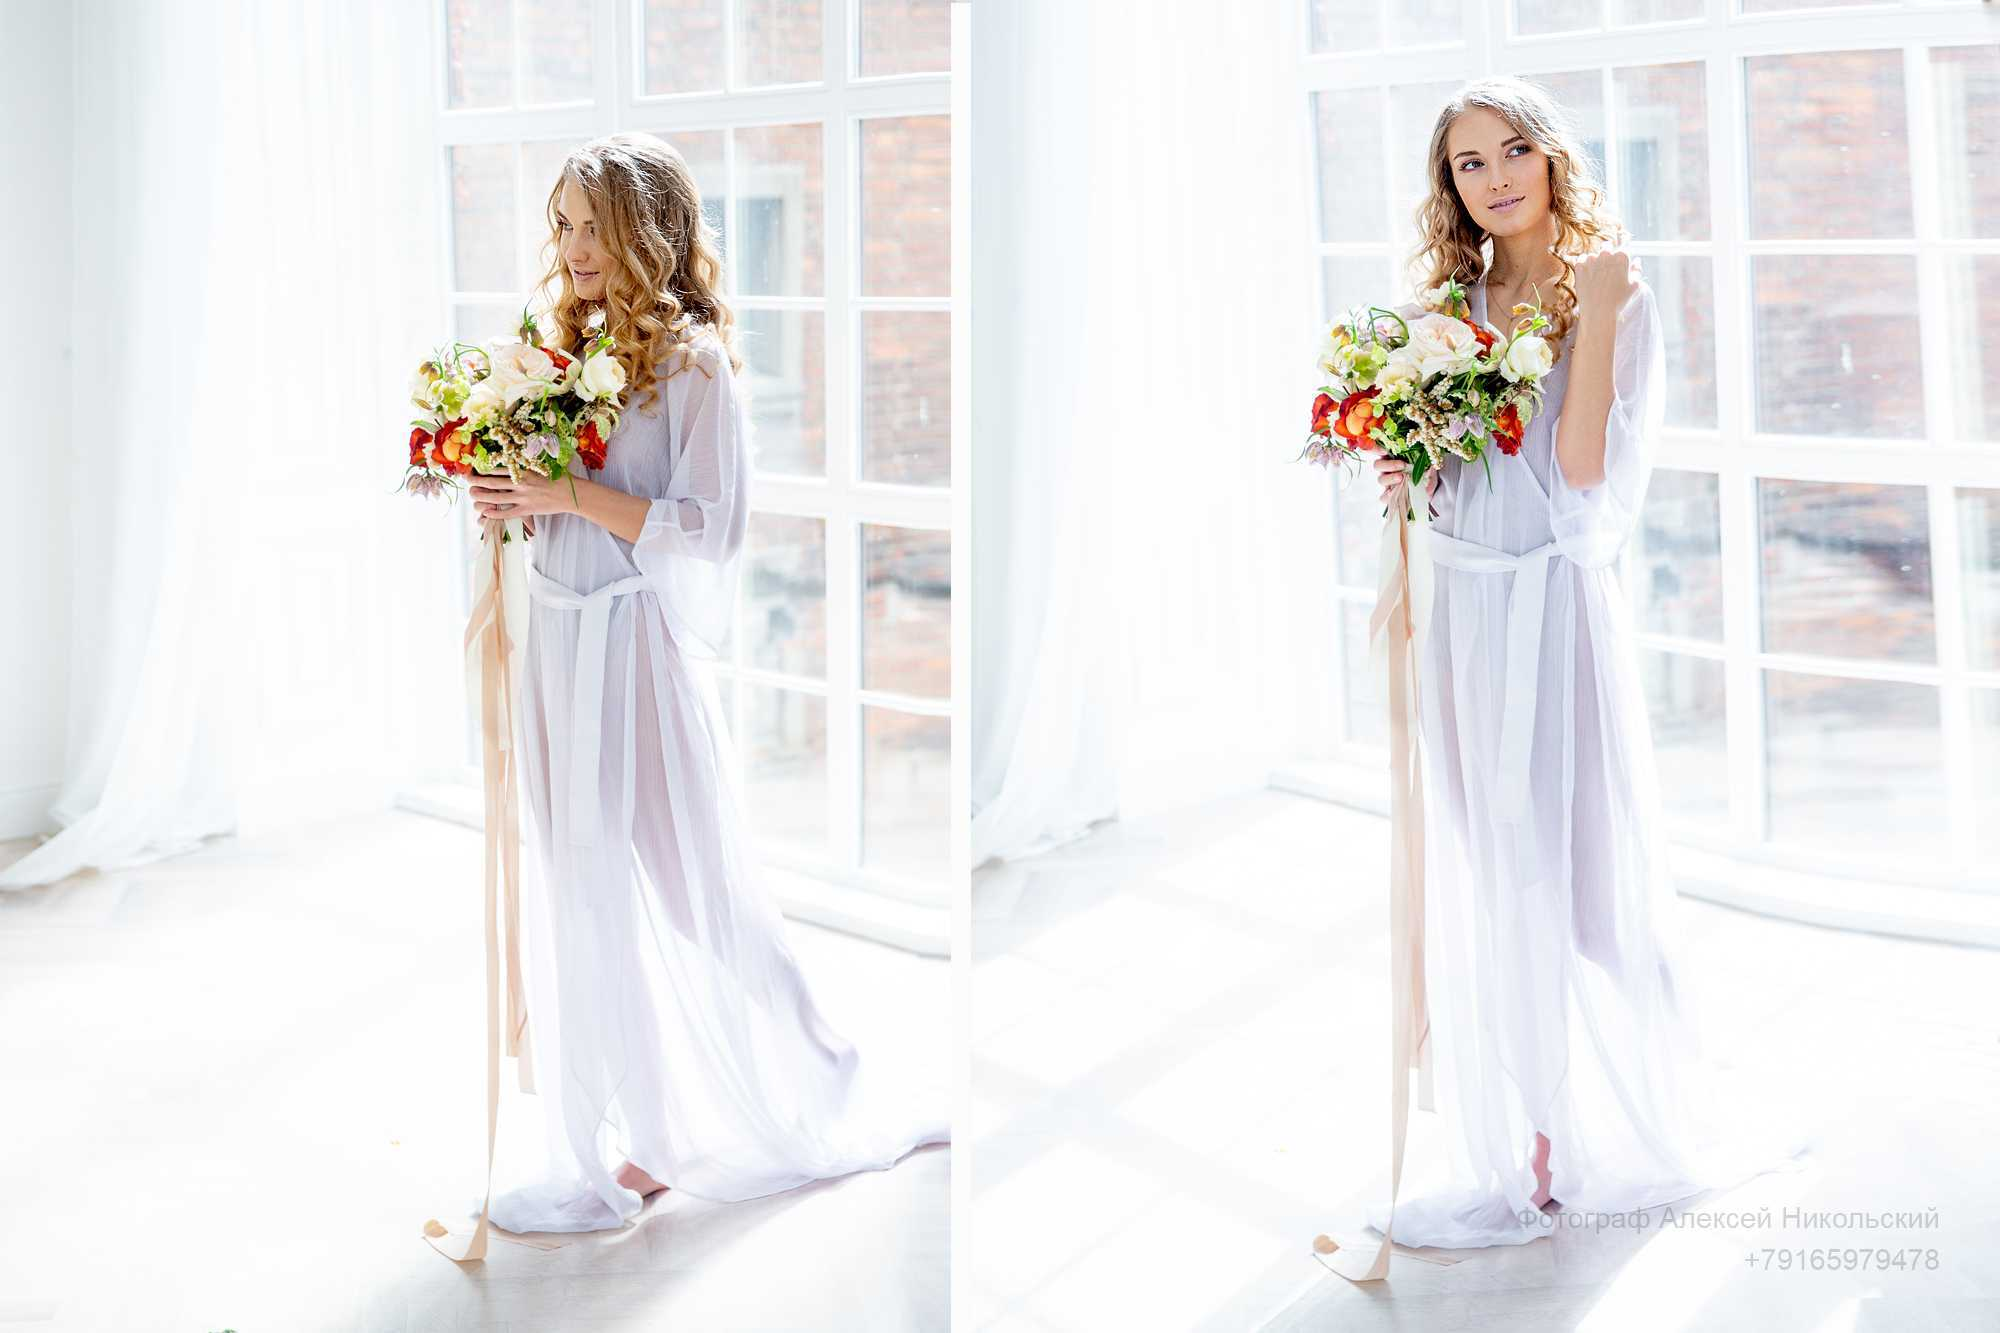 свадебная фотосессия утра невестыфотограф Алексей Никольский